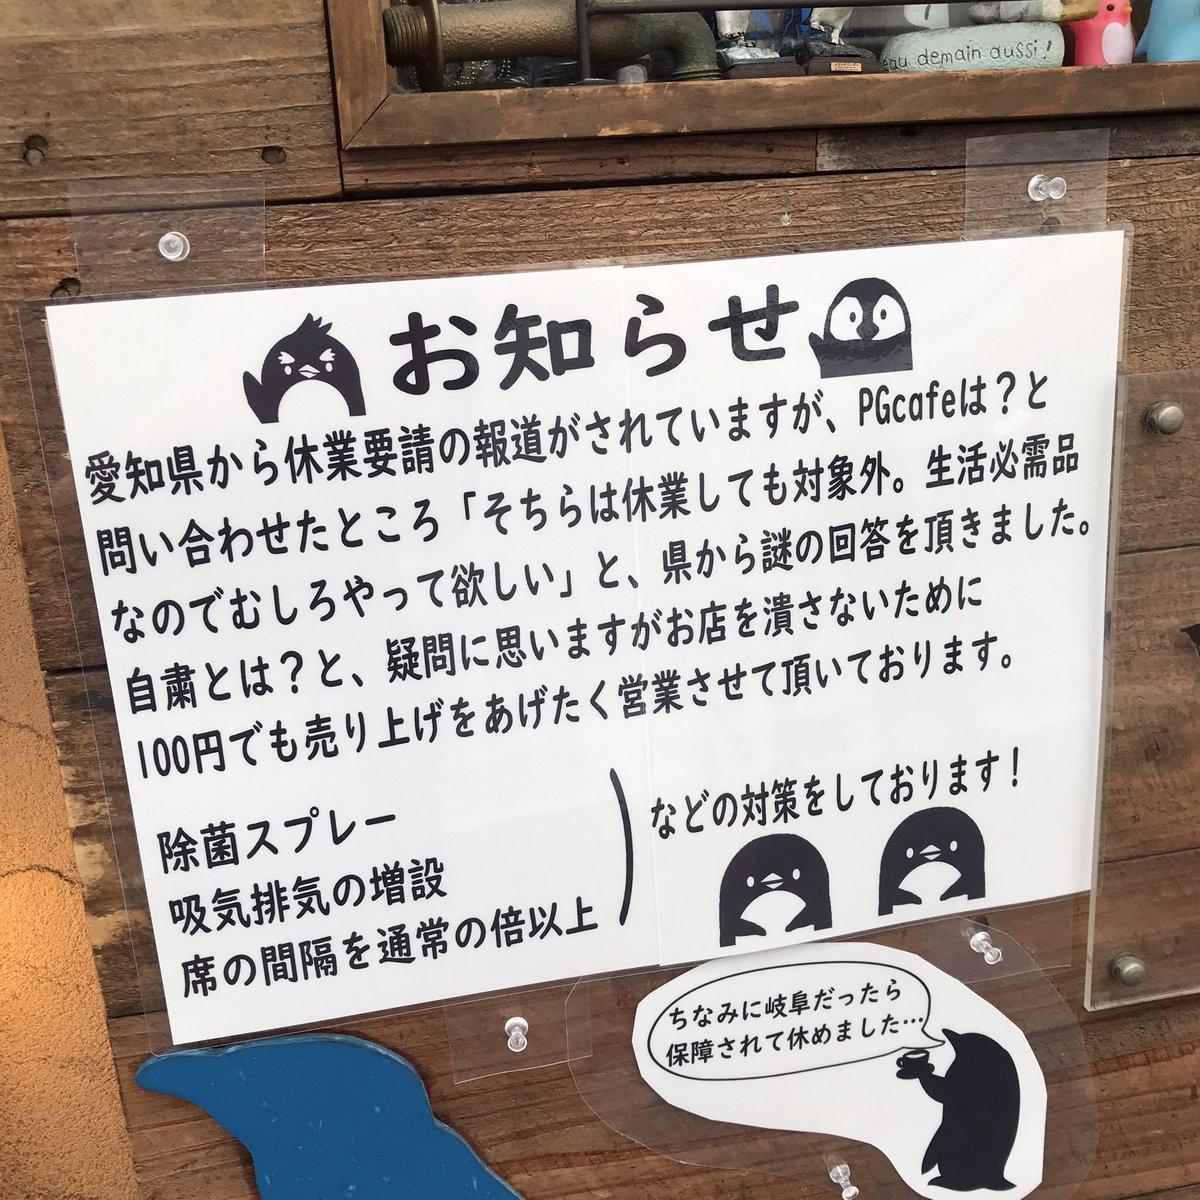 県からも市からも1円も助けてもらってません(・ω・)ノ